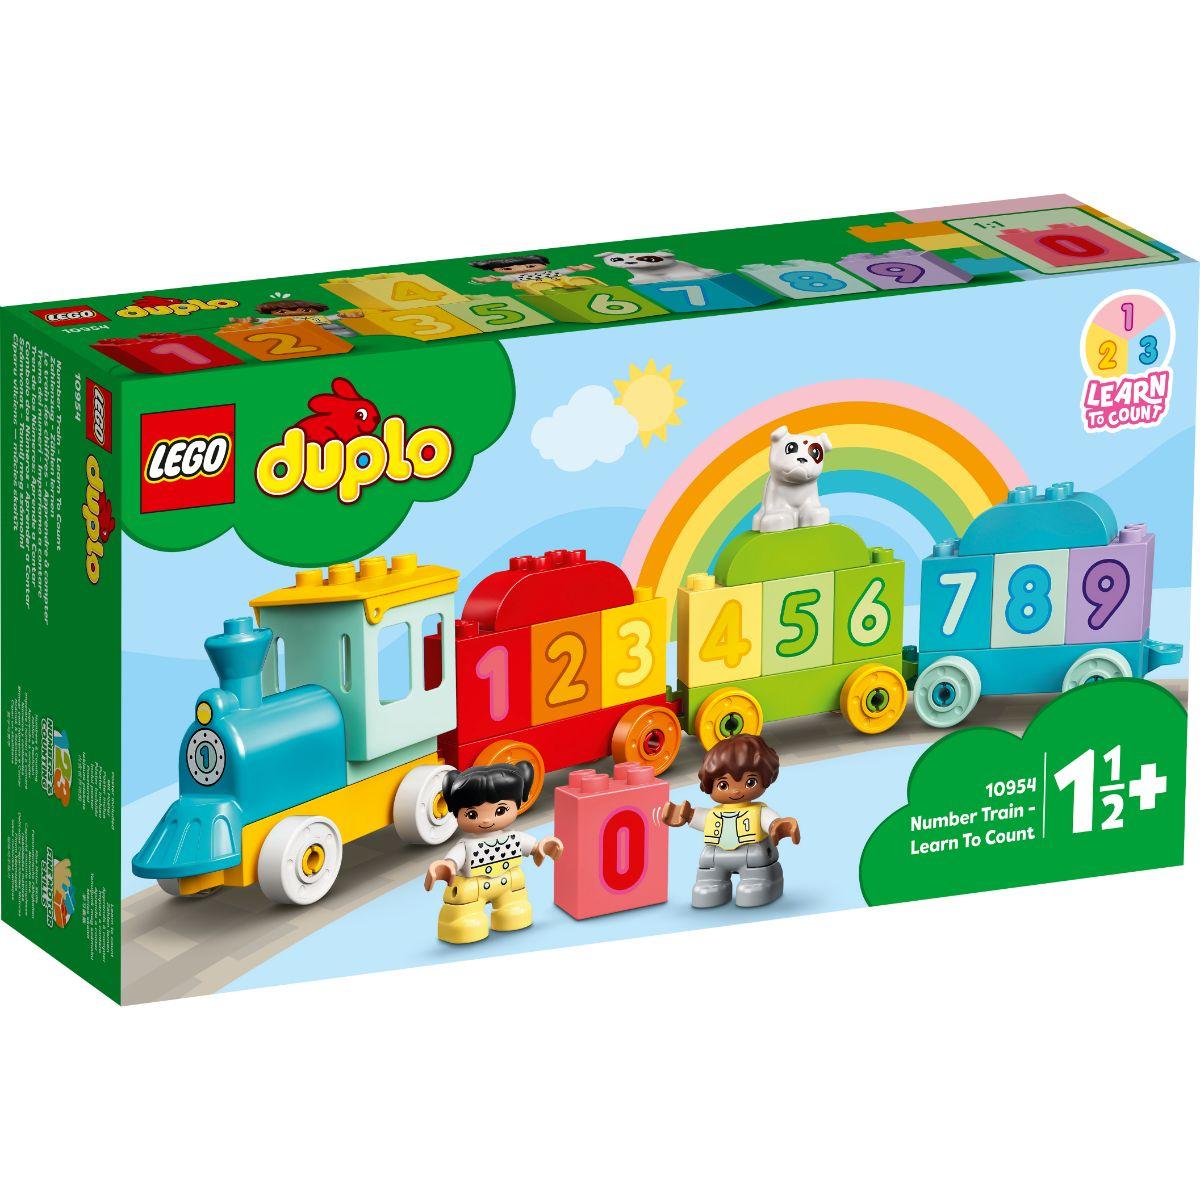 LEGO® Duplo - Trenul Cu Numere - Invata sa numeri (10954)